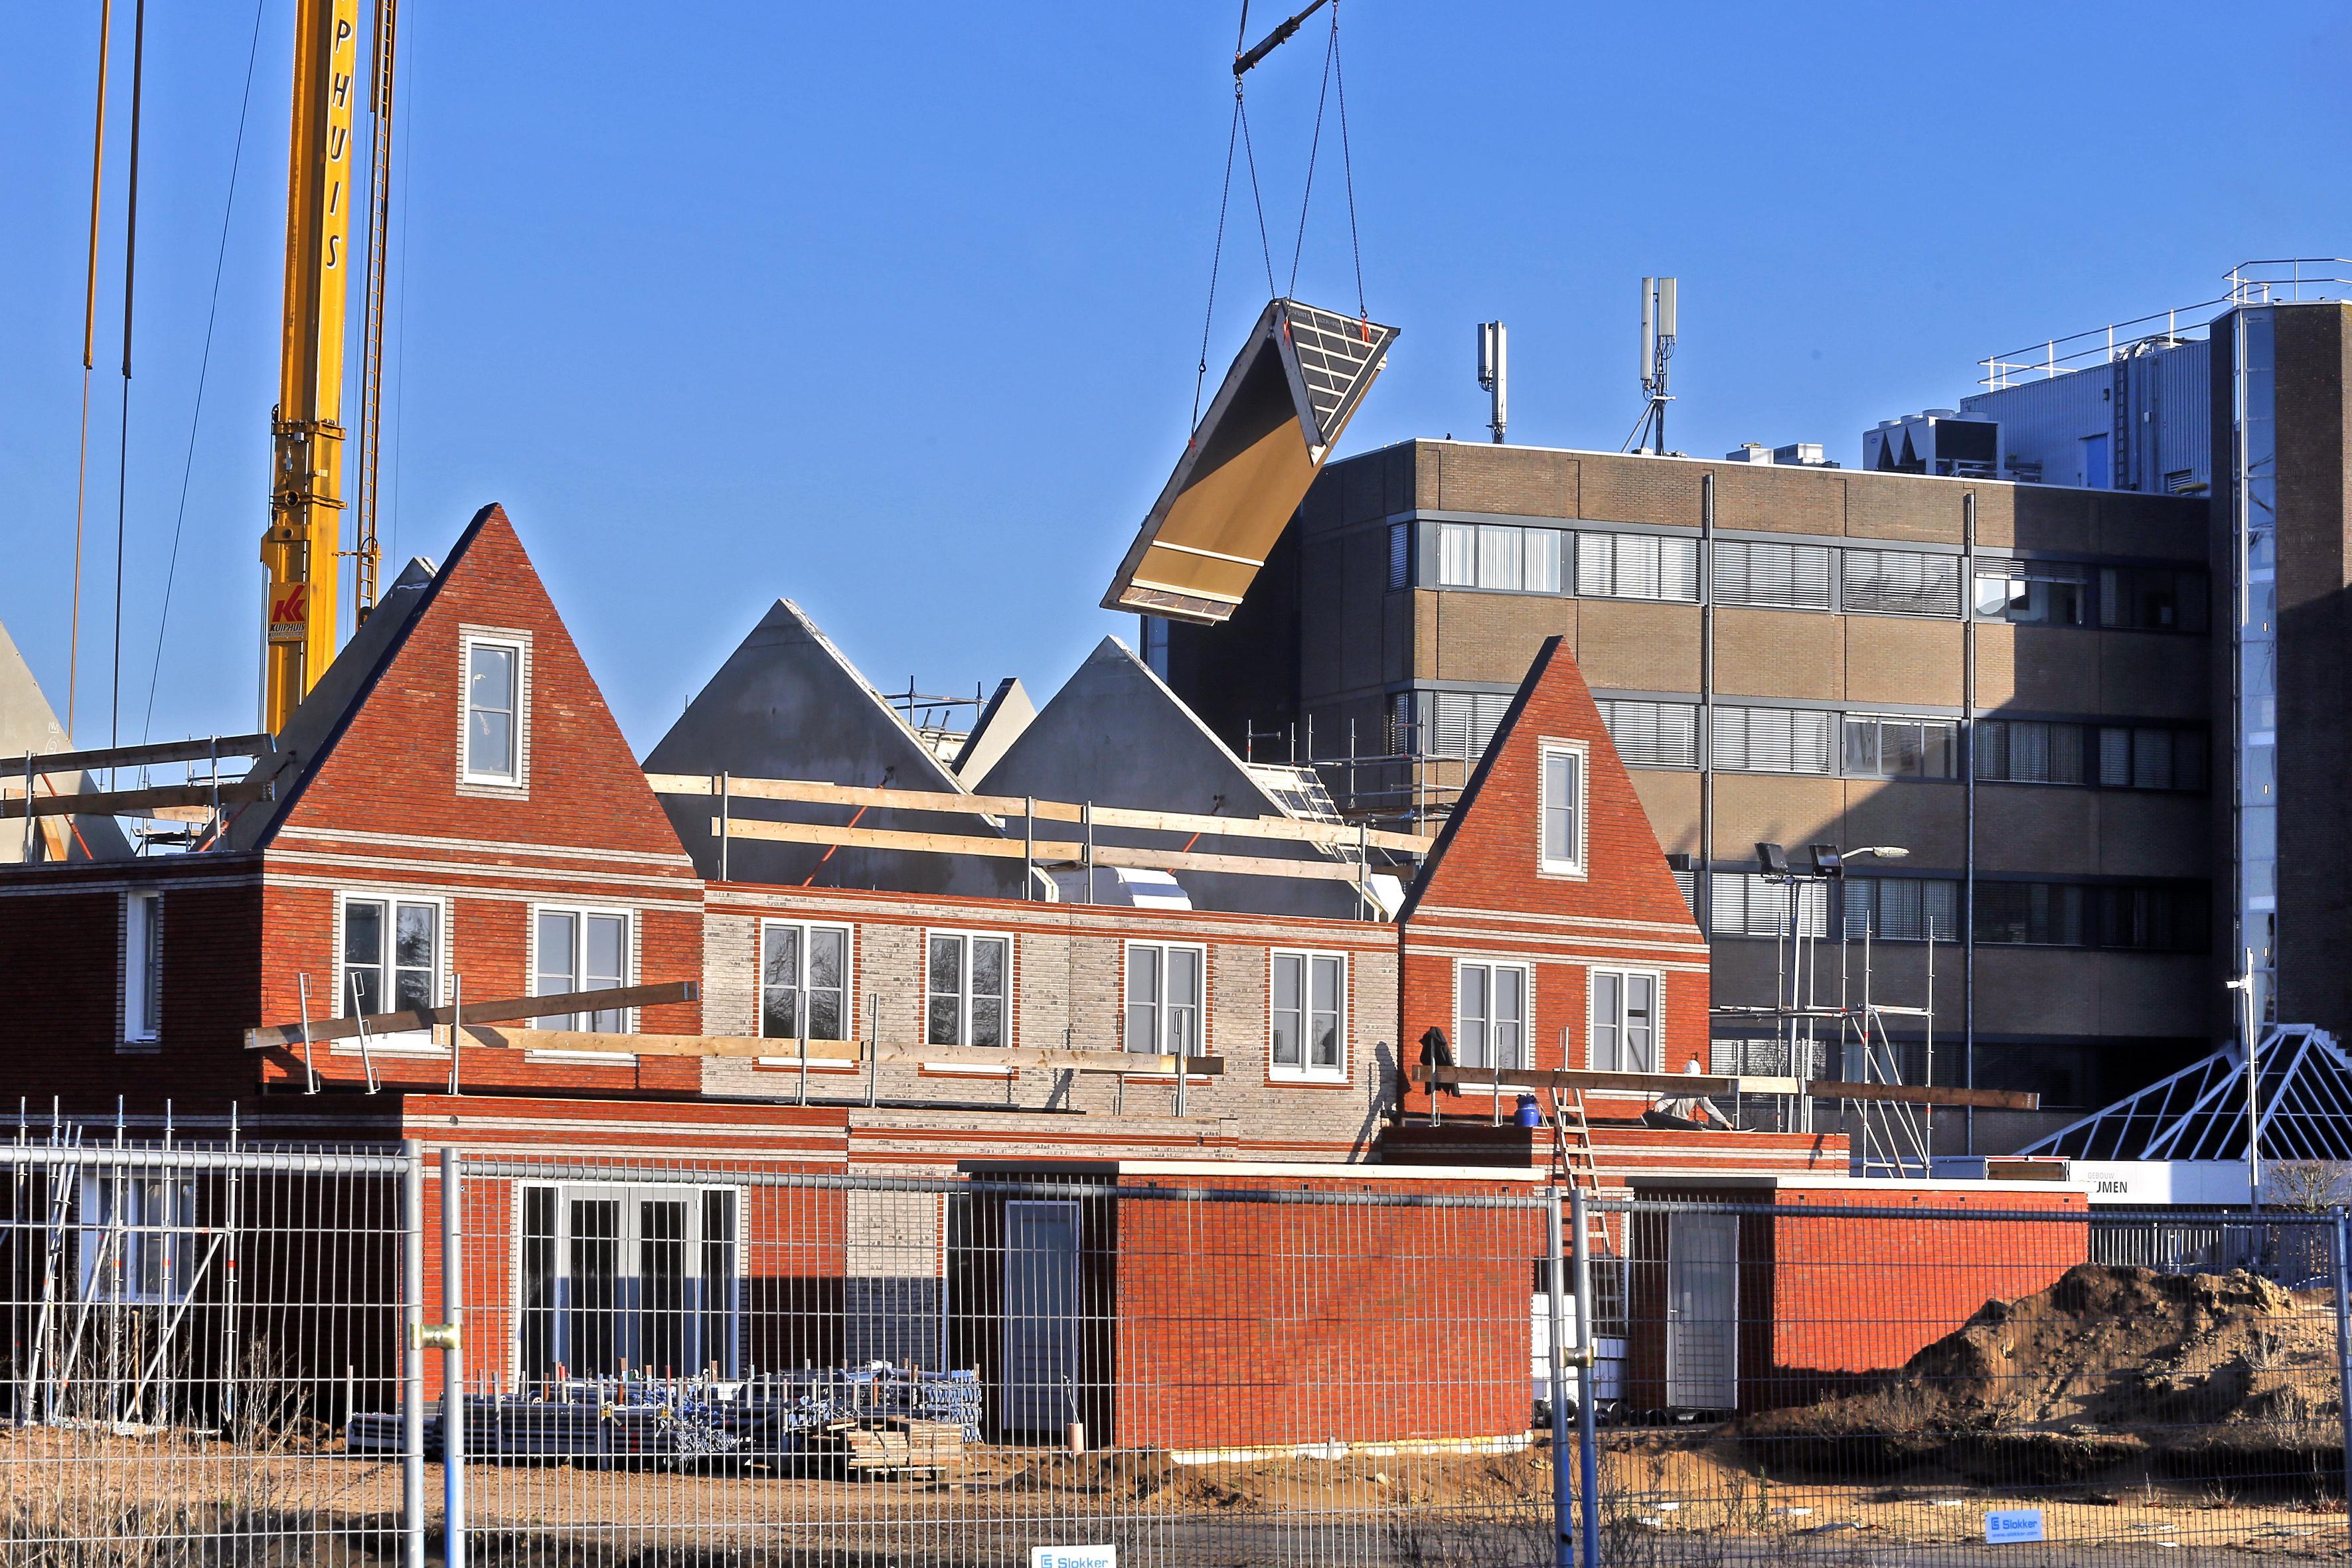 Bouwvergunning het duurst in Eemnes en het goedkoopst in Huizen, enorme verschillen tussen gemeenten